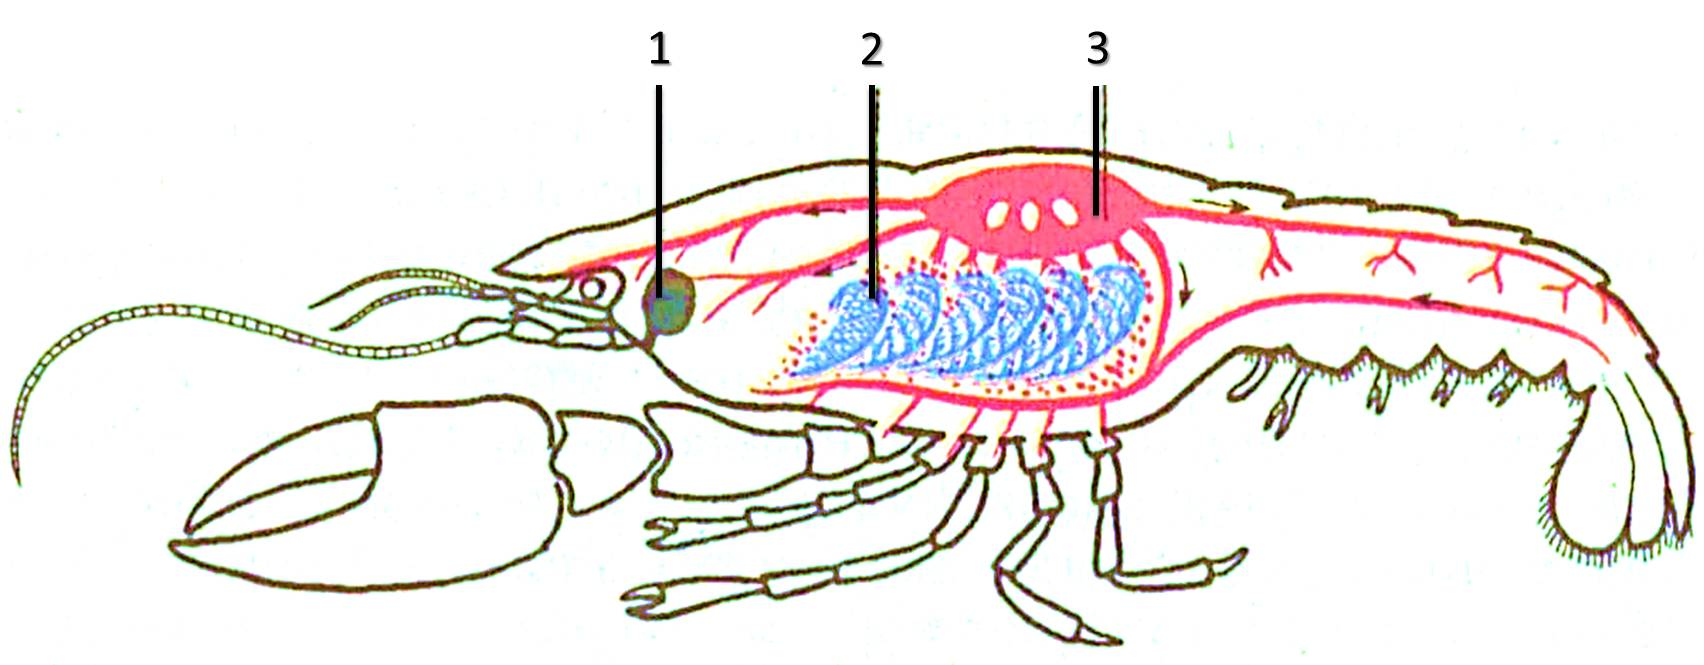 Схема дыхания у животных